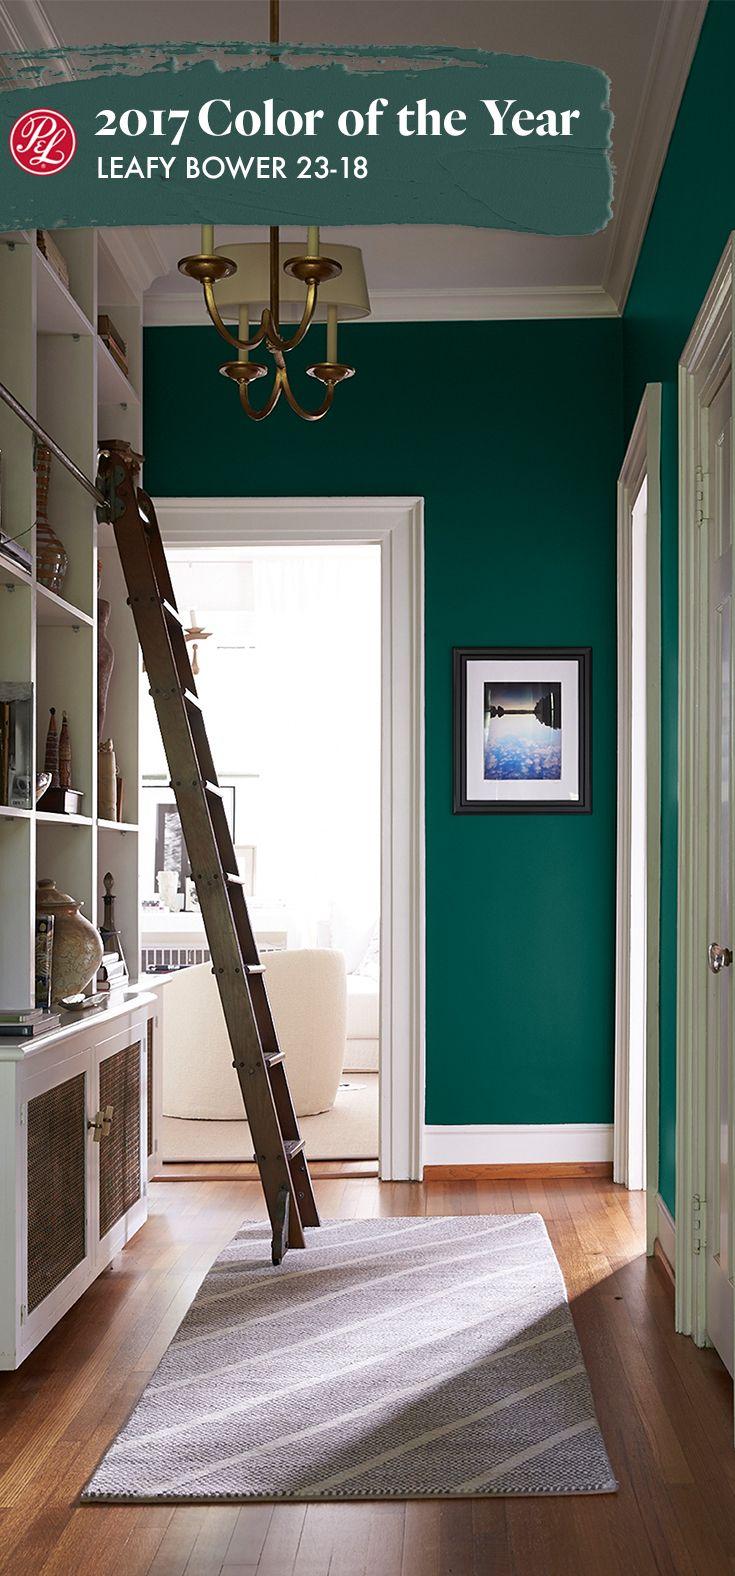 best paint colors u paint projects images on pinterest colored